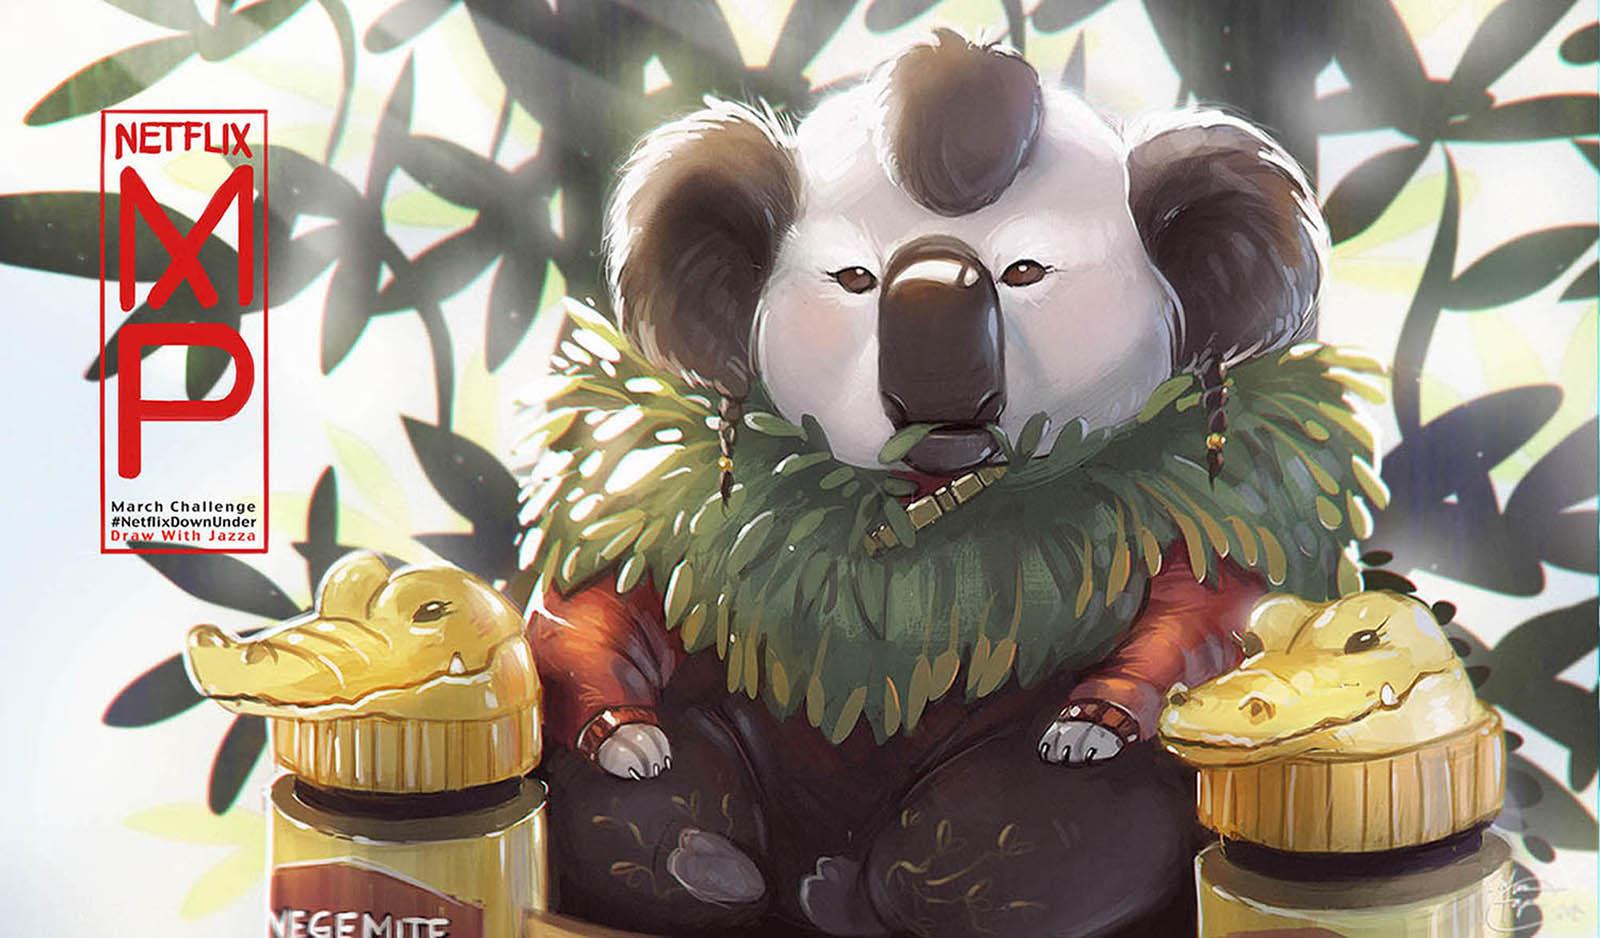 Koala Khan